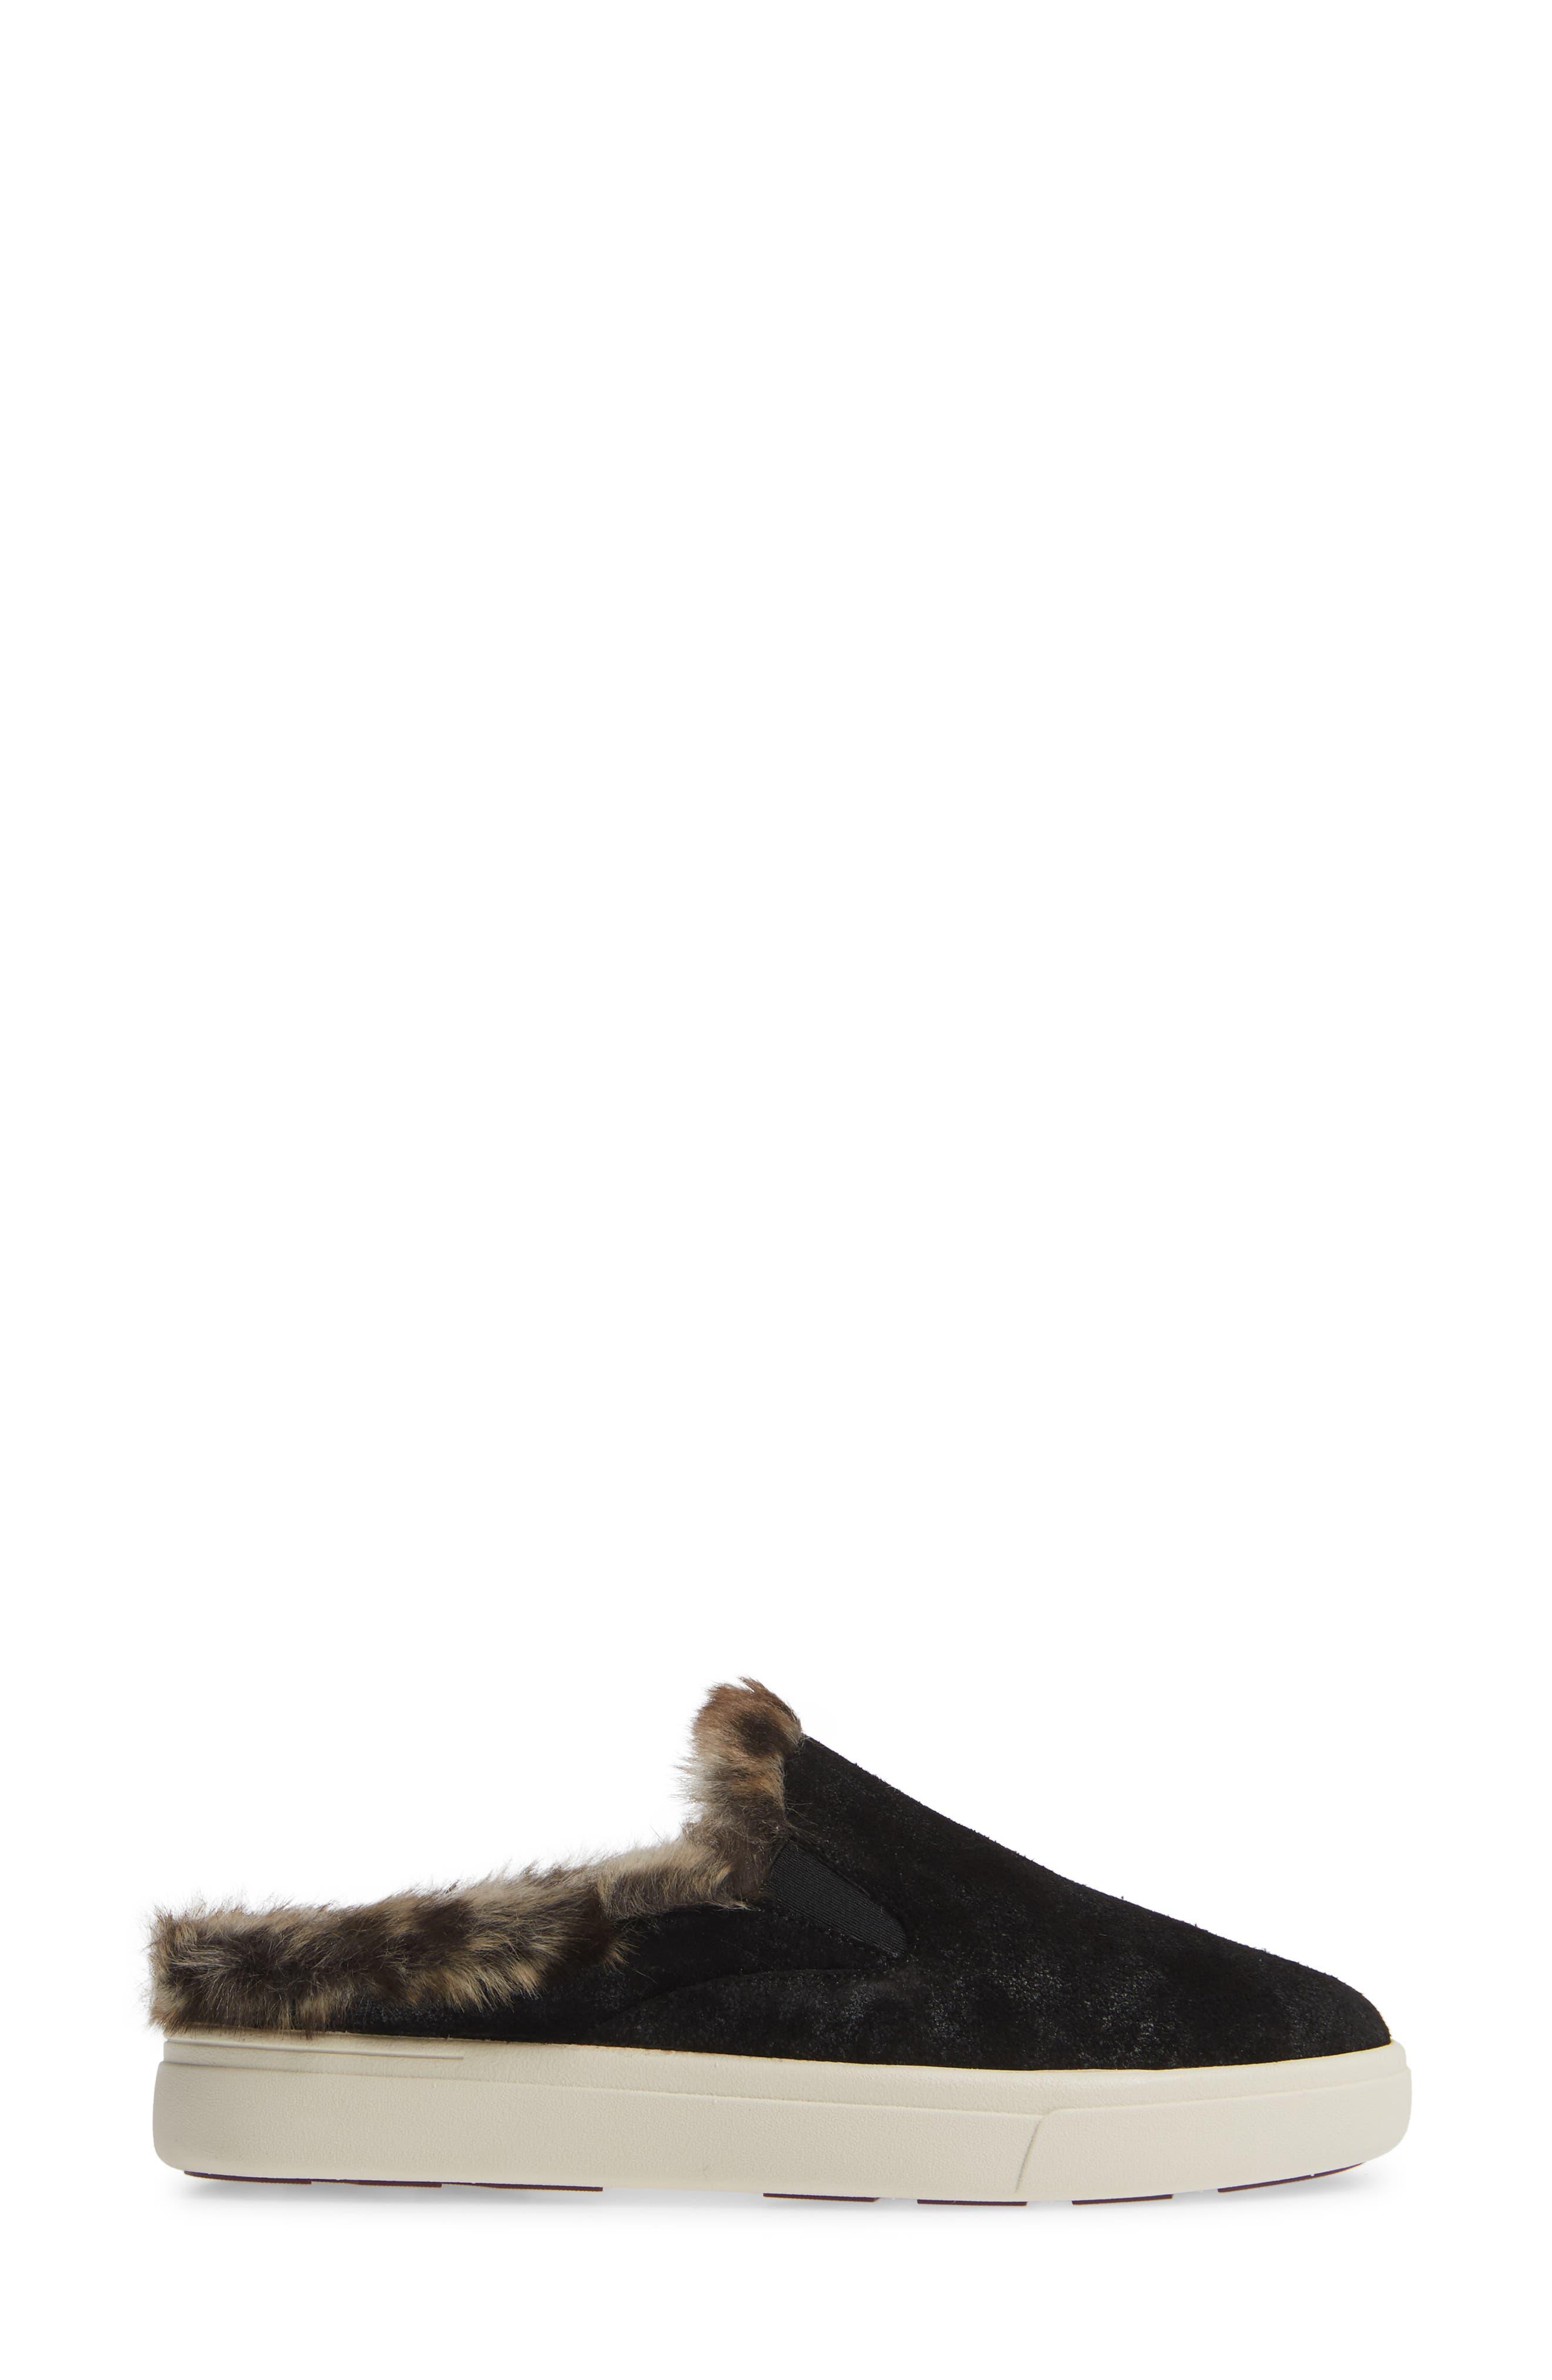 VANELI,                             Yasir Slip-On Sneaker,                             Alternate thumbnail 3, color,                             BLACK SUEDE